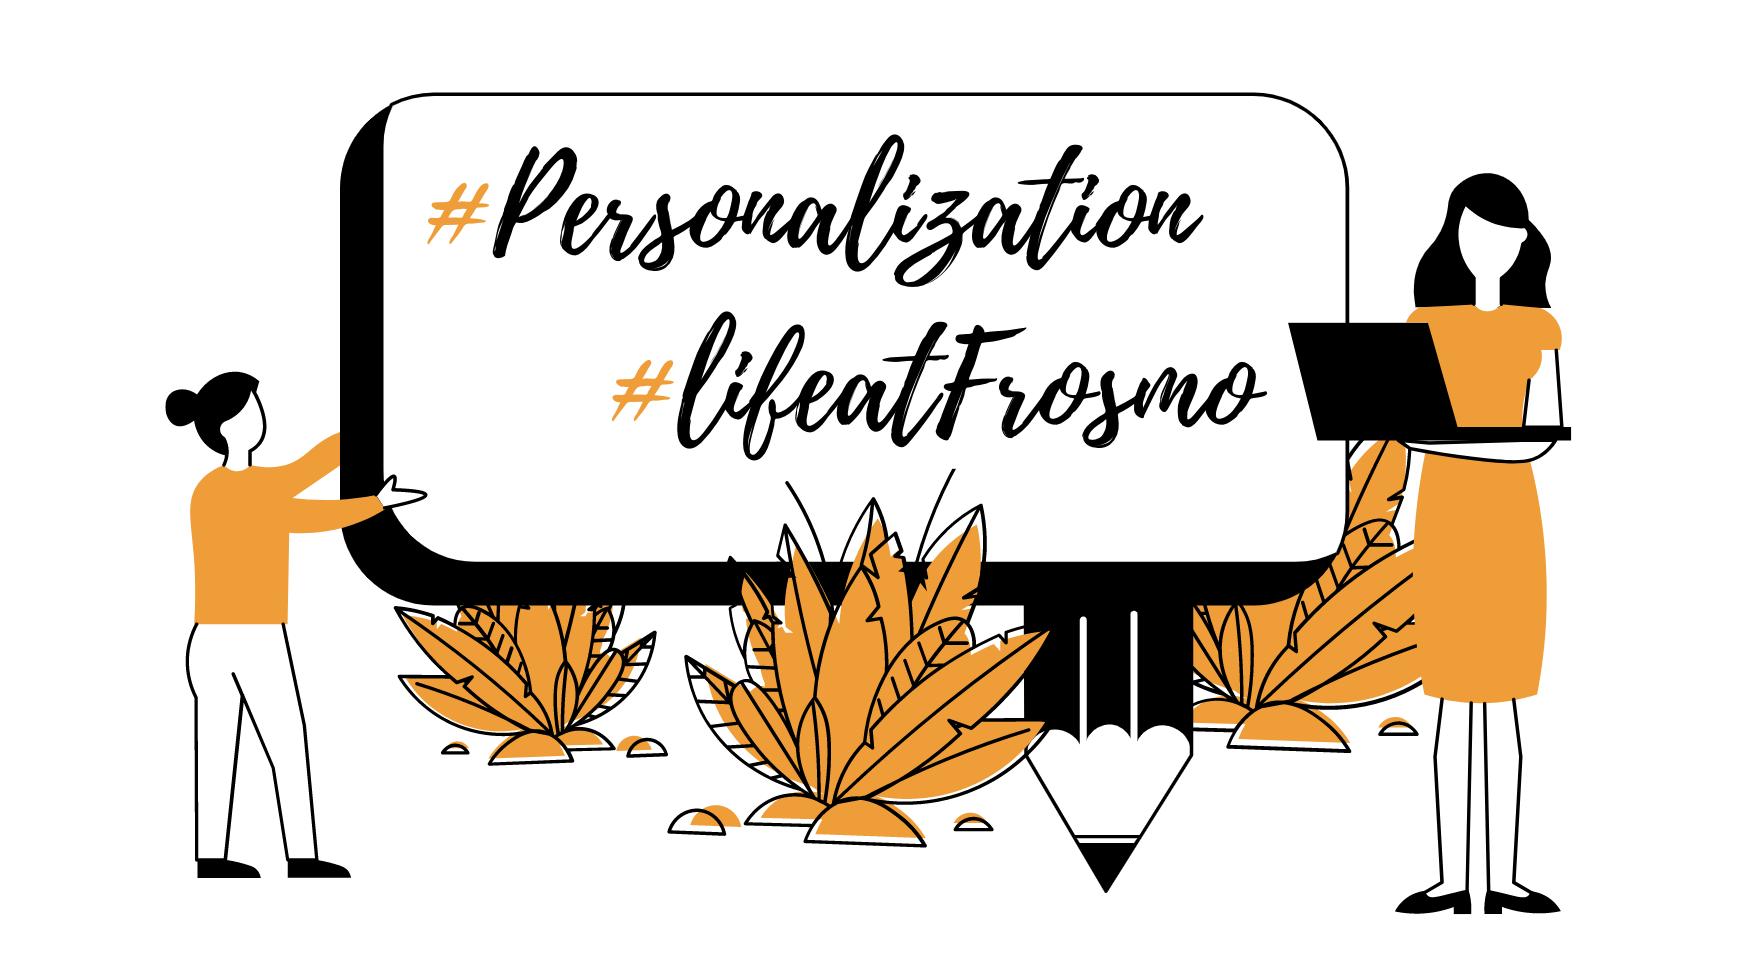 Personalization blog